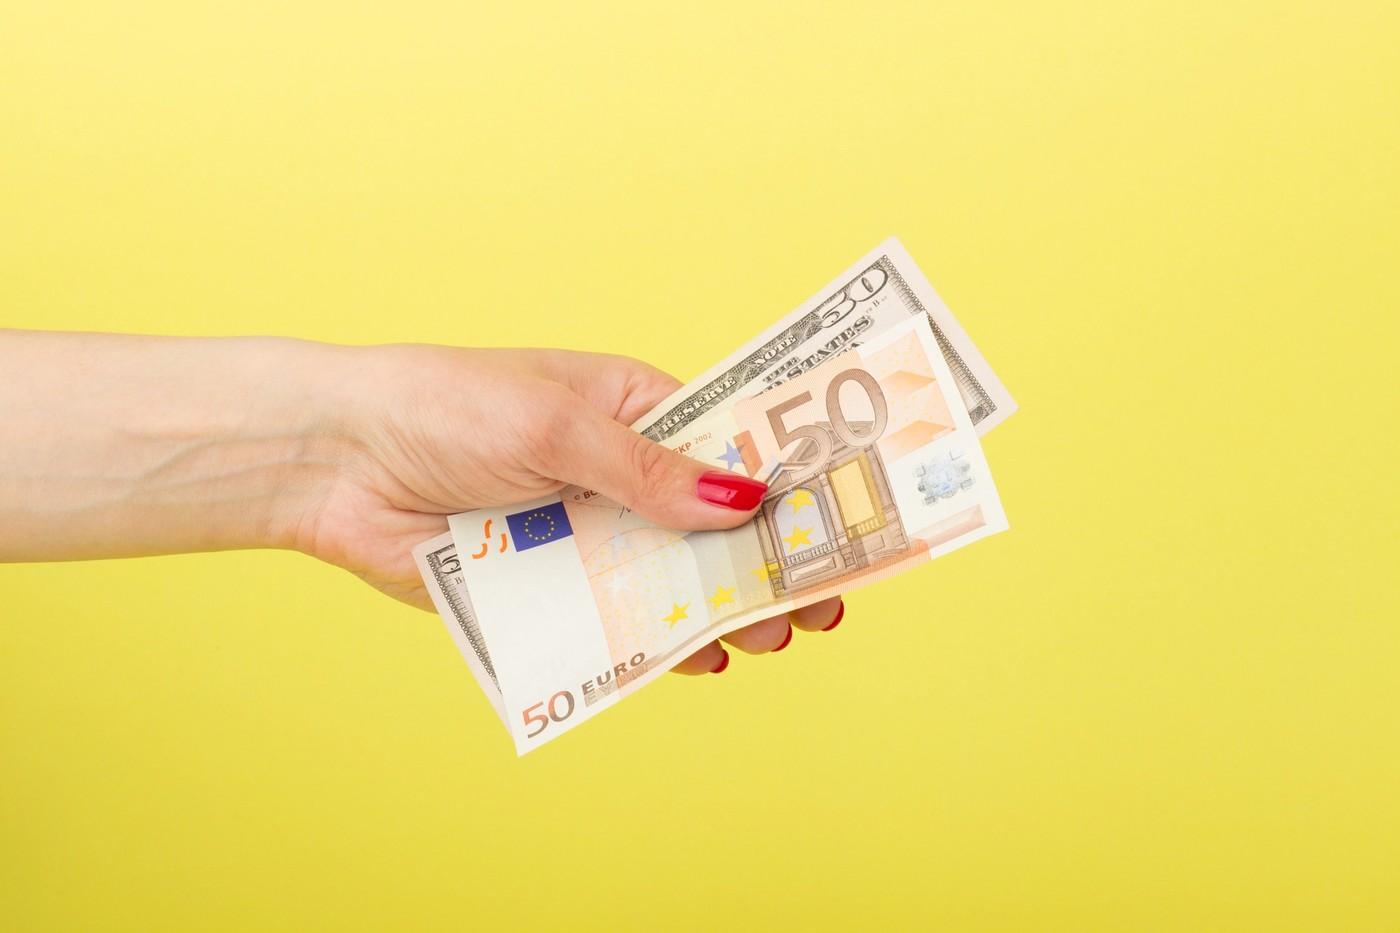 Une personne qui tend des billets de banque